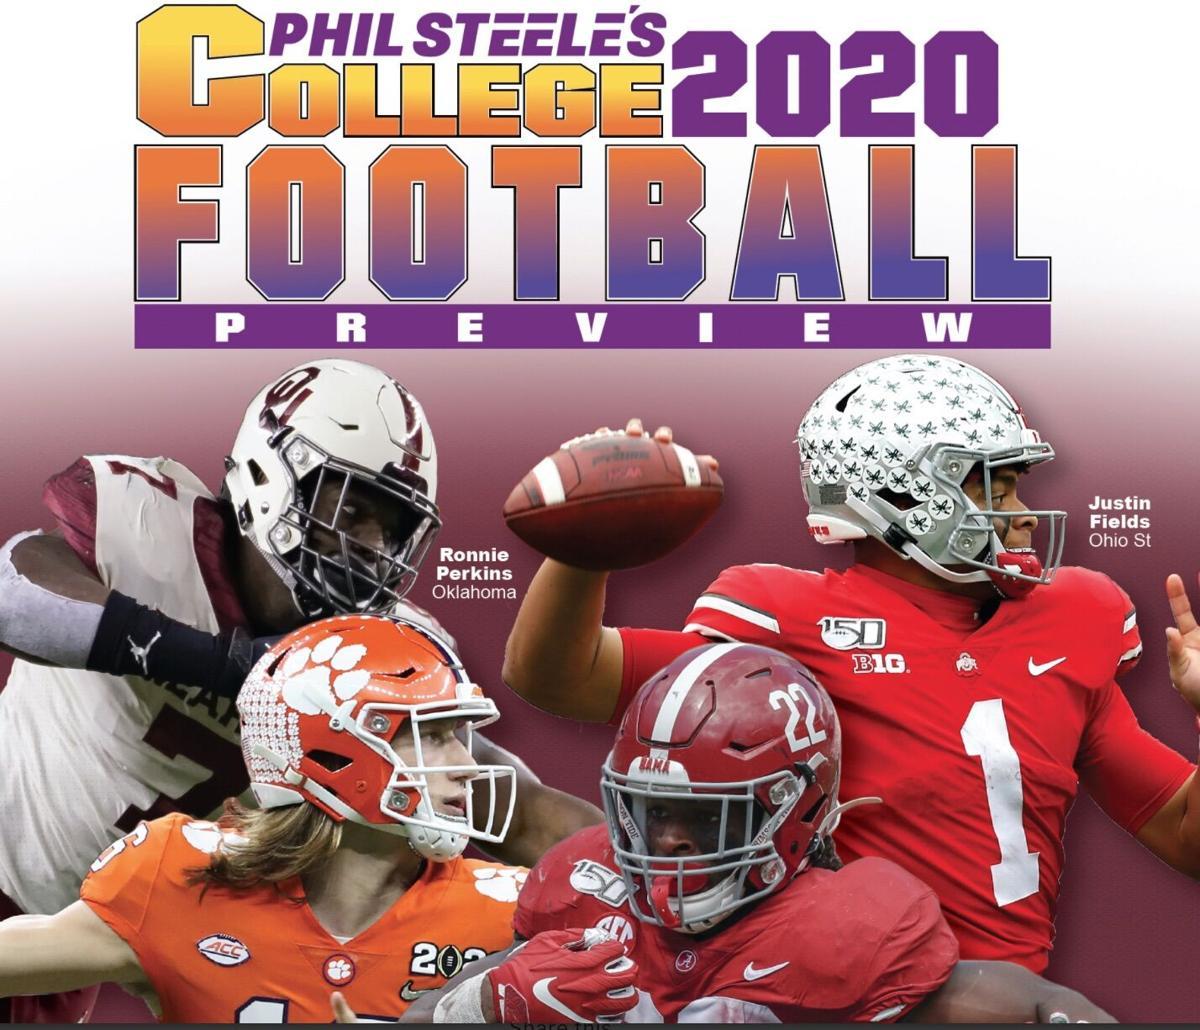 Phil Steele 2020